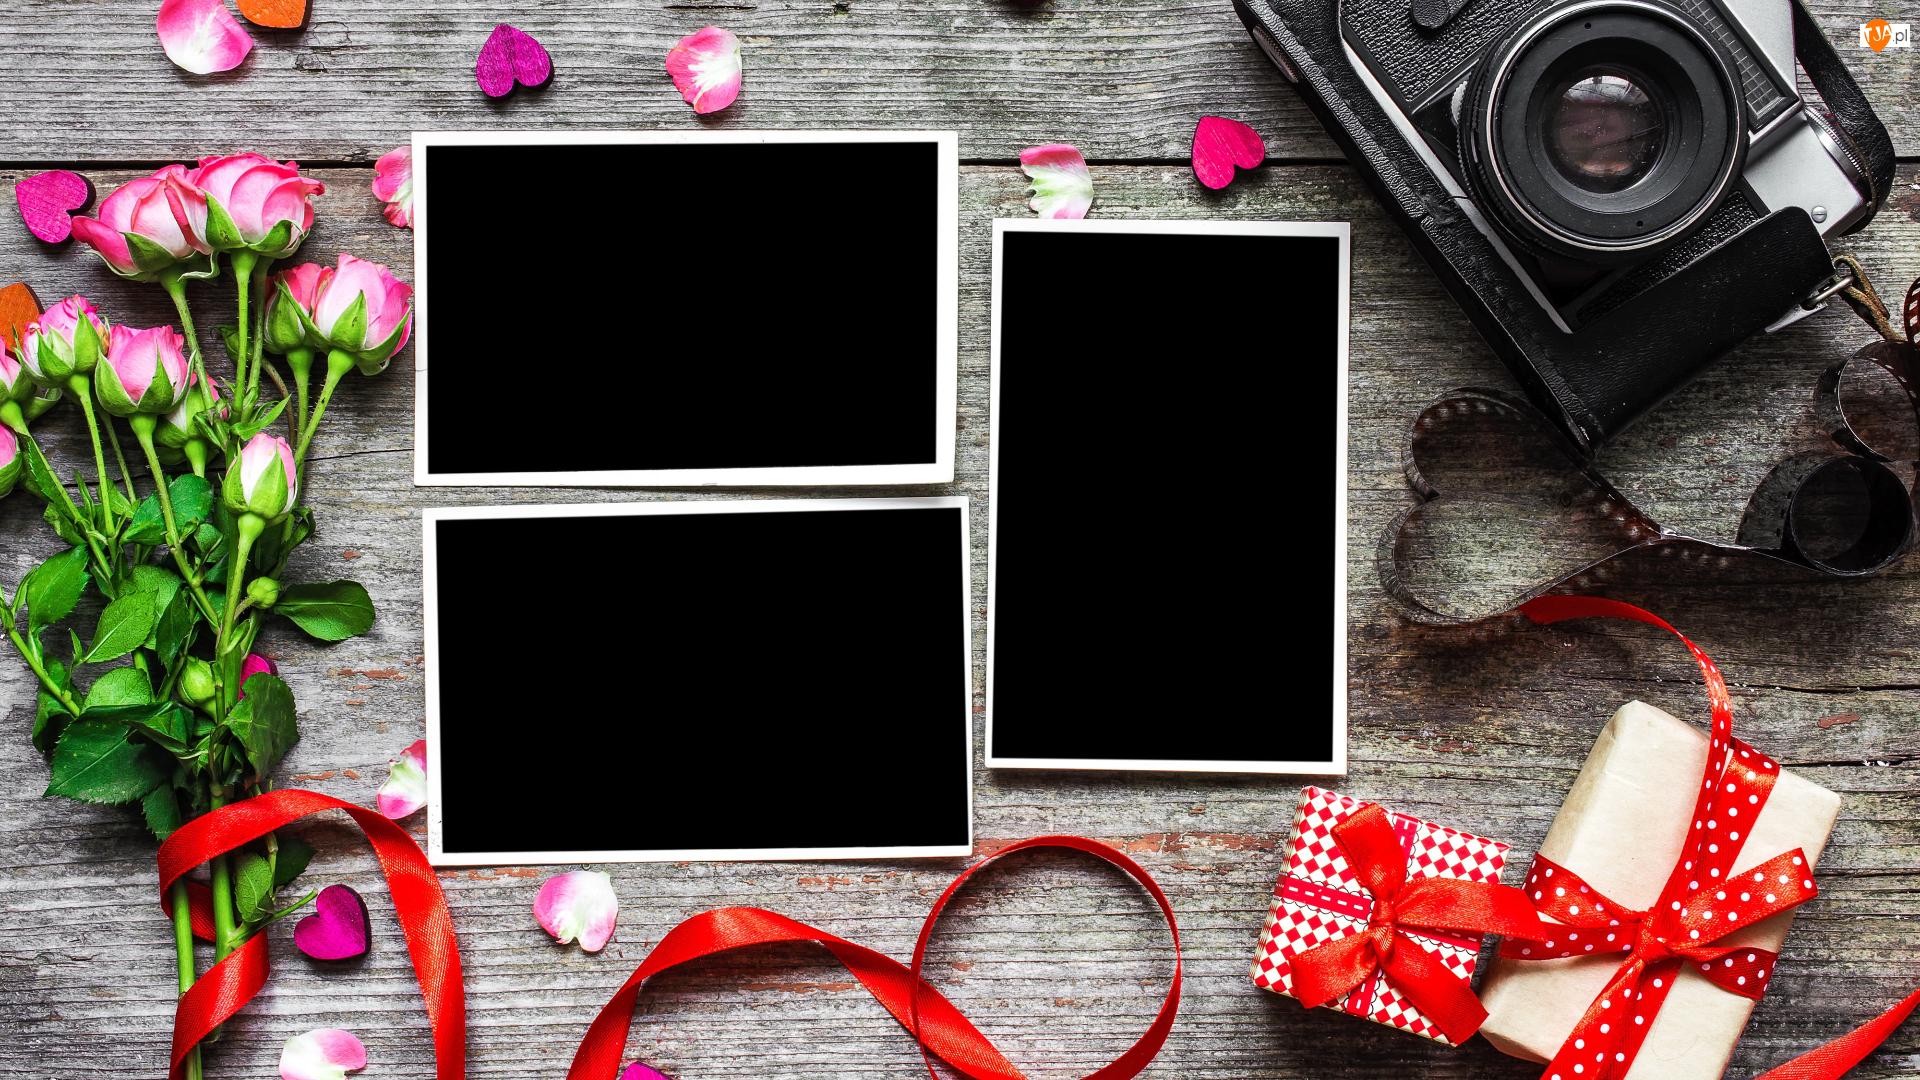 Aparat fotograficzny, Róże, Prezenty, Kokardy, Zdjęcia, Kolorowe